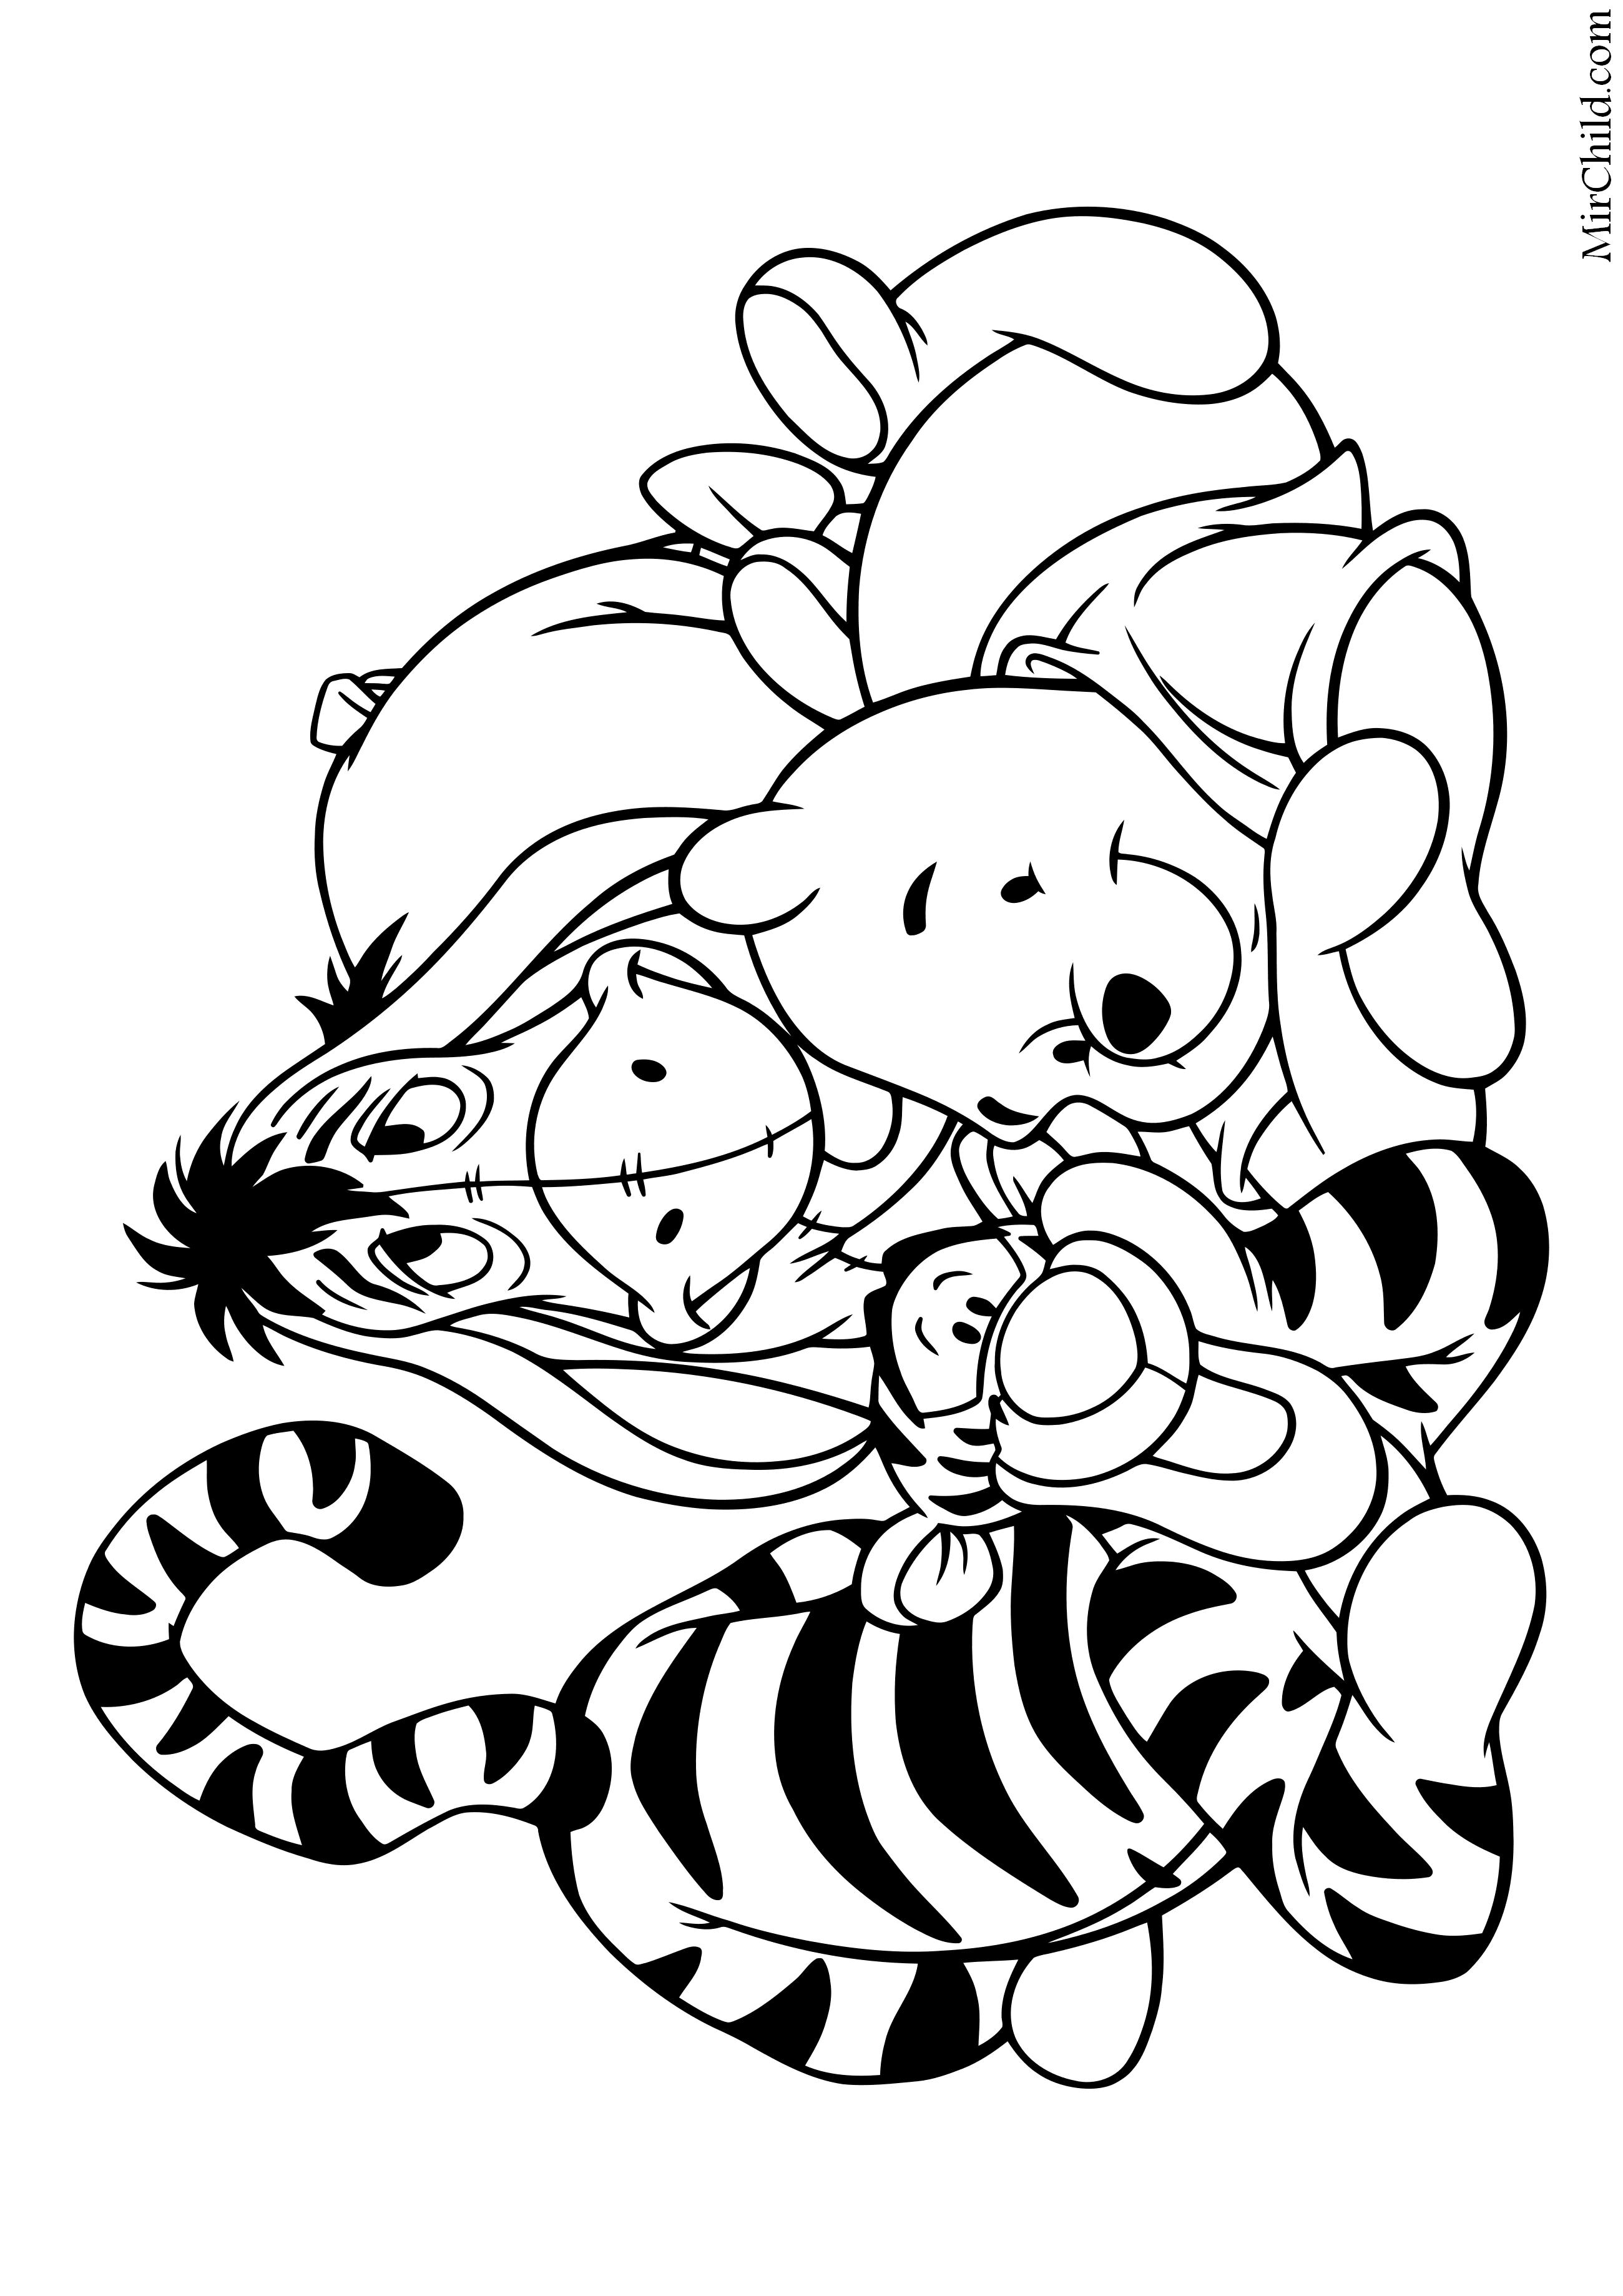 Раскраска - Винни-Пух (Дисней) - Тигра, ослик Иа и Винни ...